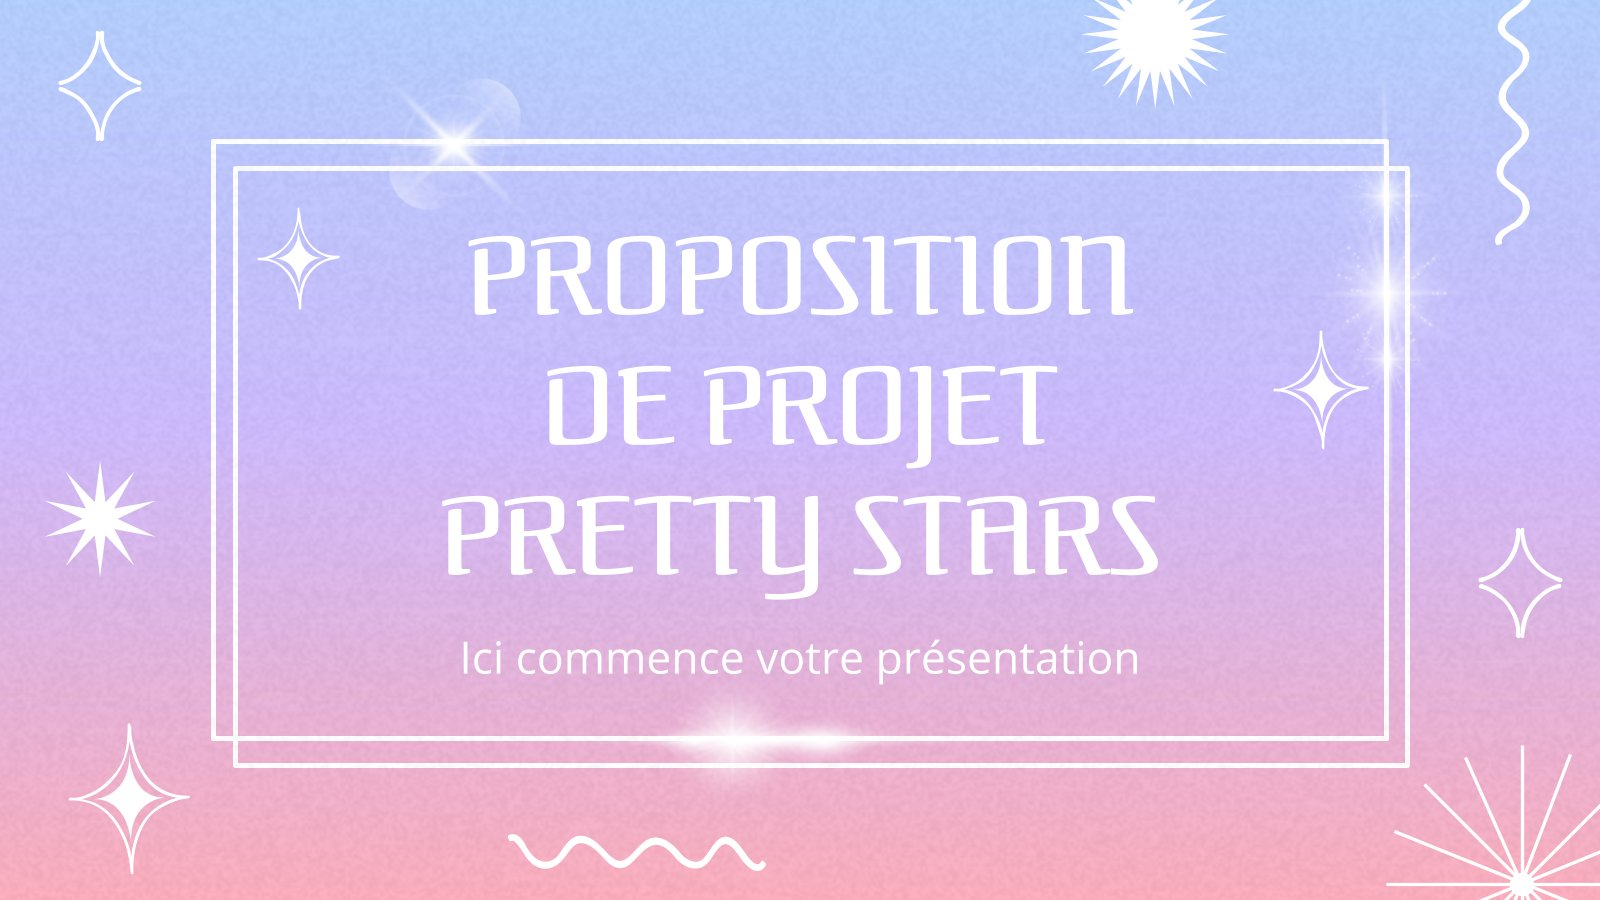 Proposition de Projet Pretty Stars : Modèles de présentation